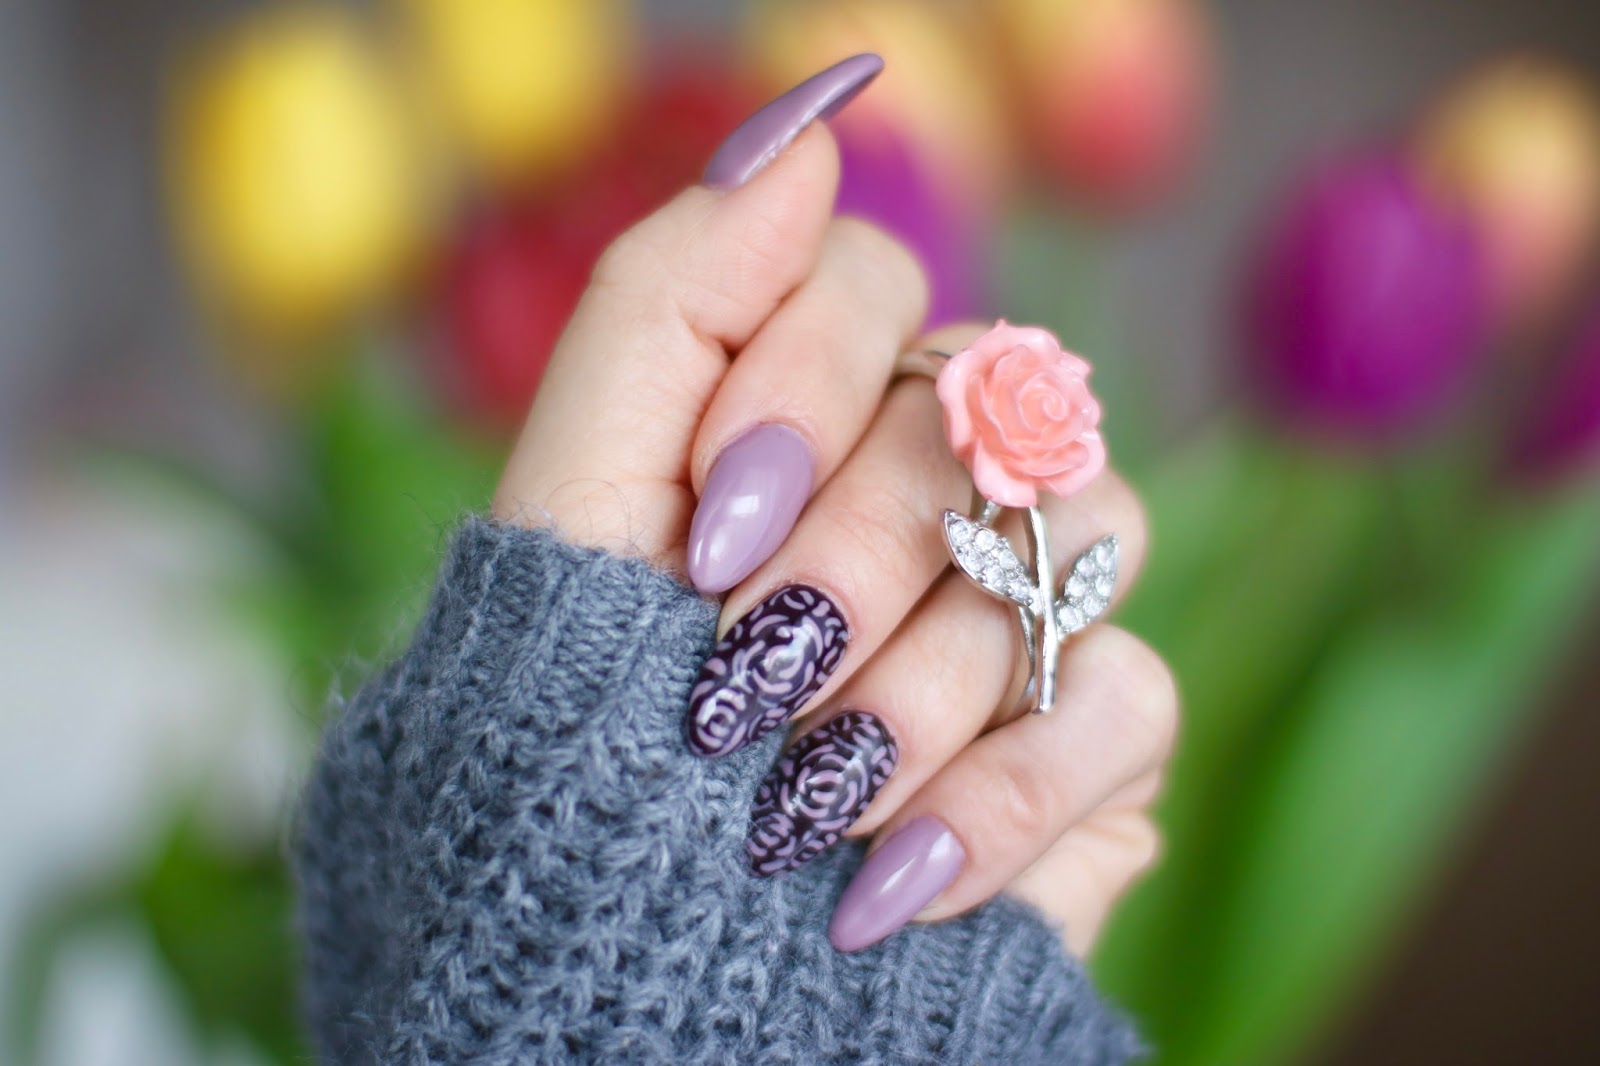 Spring Nude Evening Nails - Liliowe różyczki